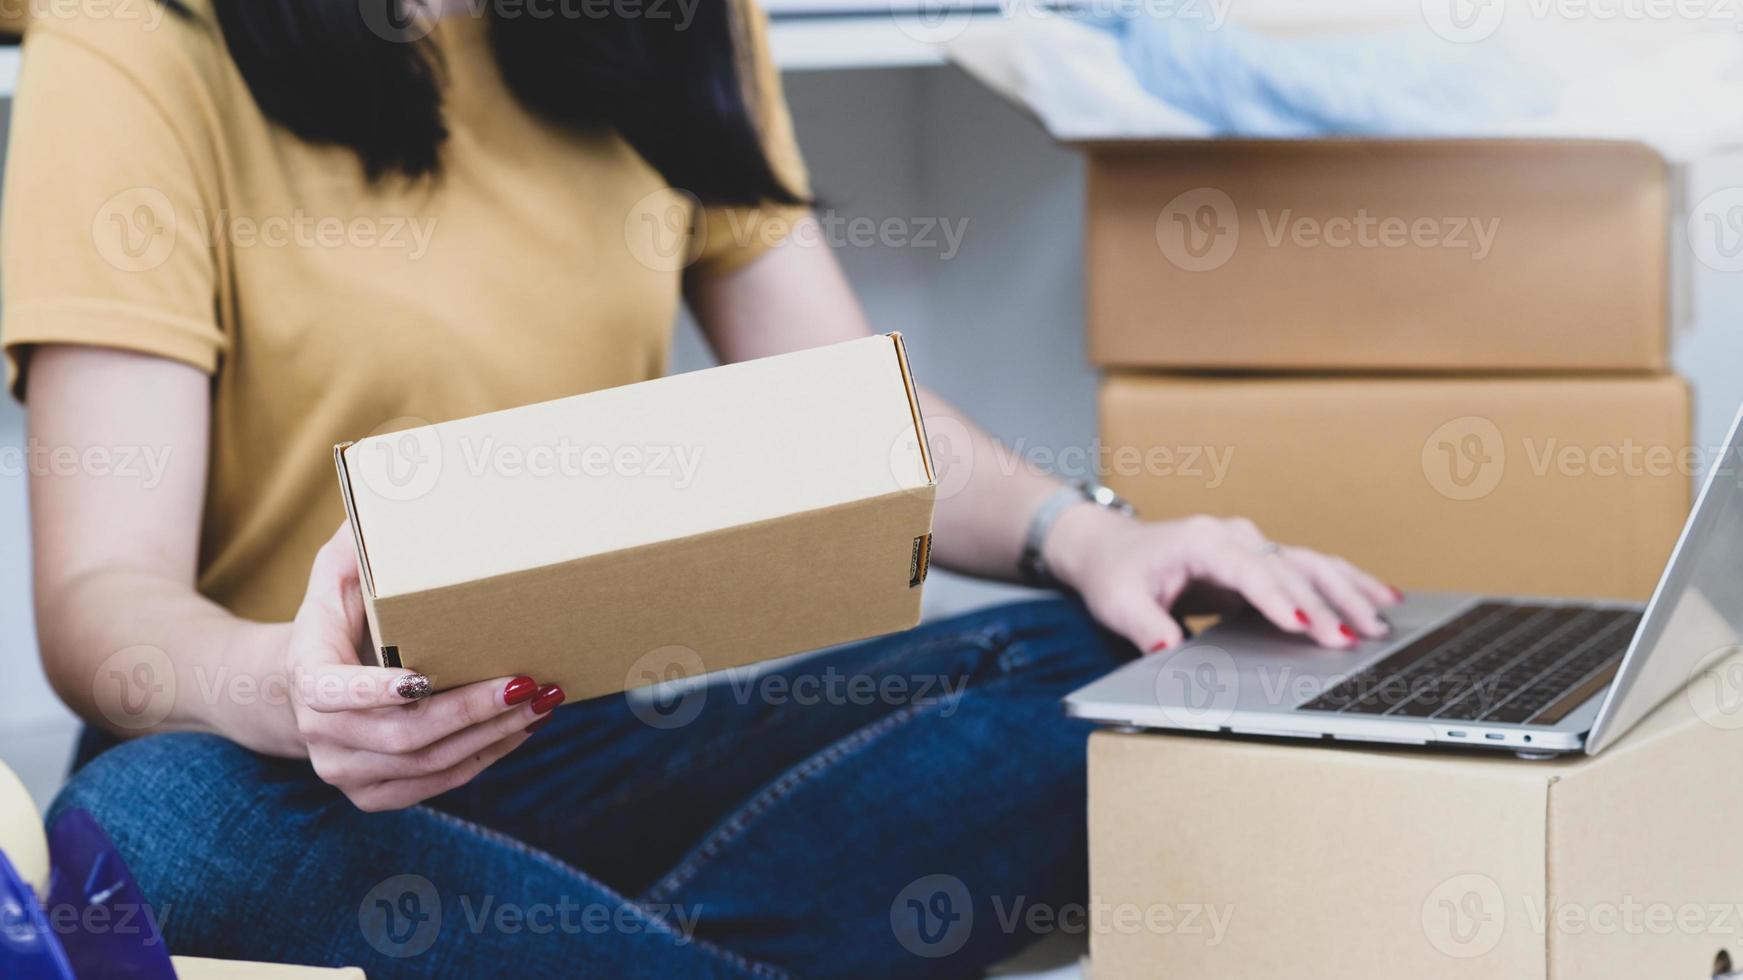 mulher segurando caixas de encomendas e usando o laptop, vendendo produtos online. foto